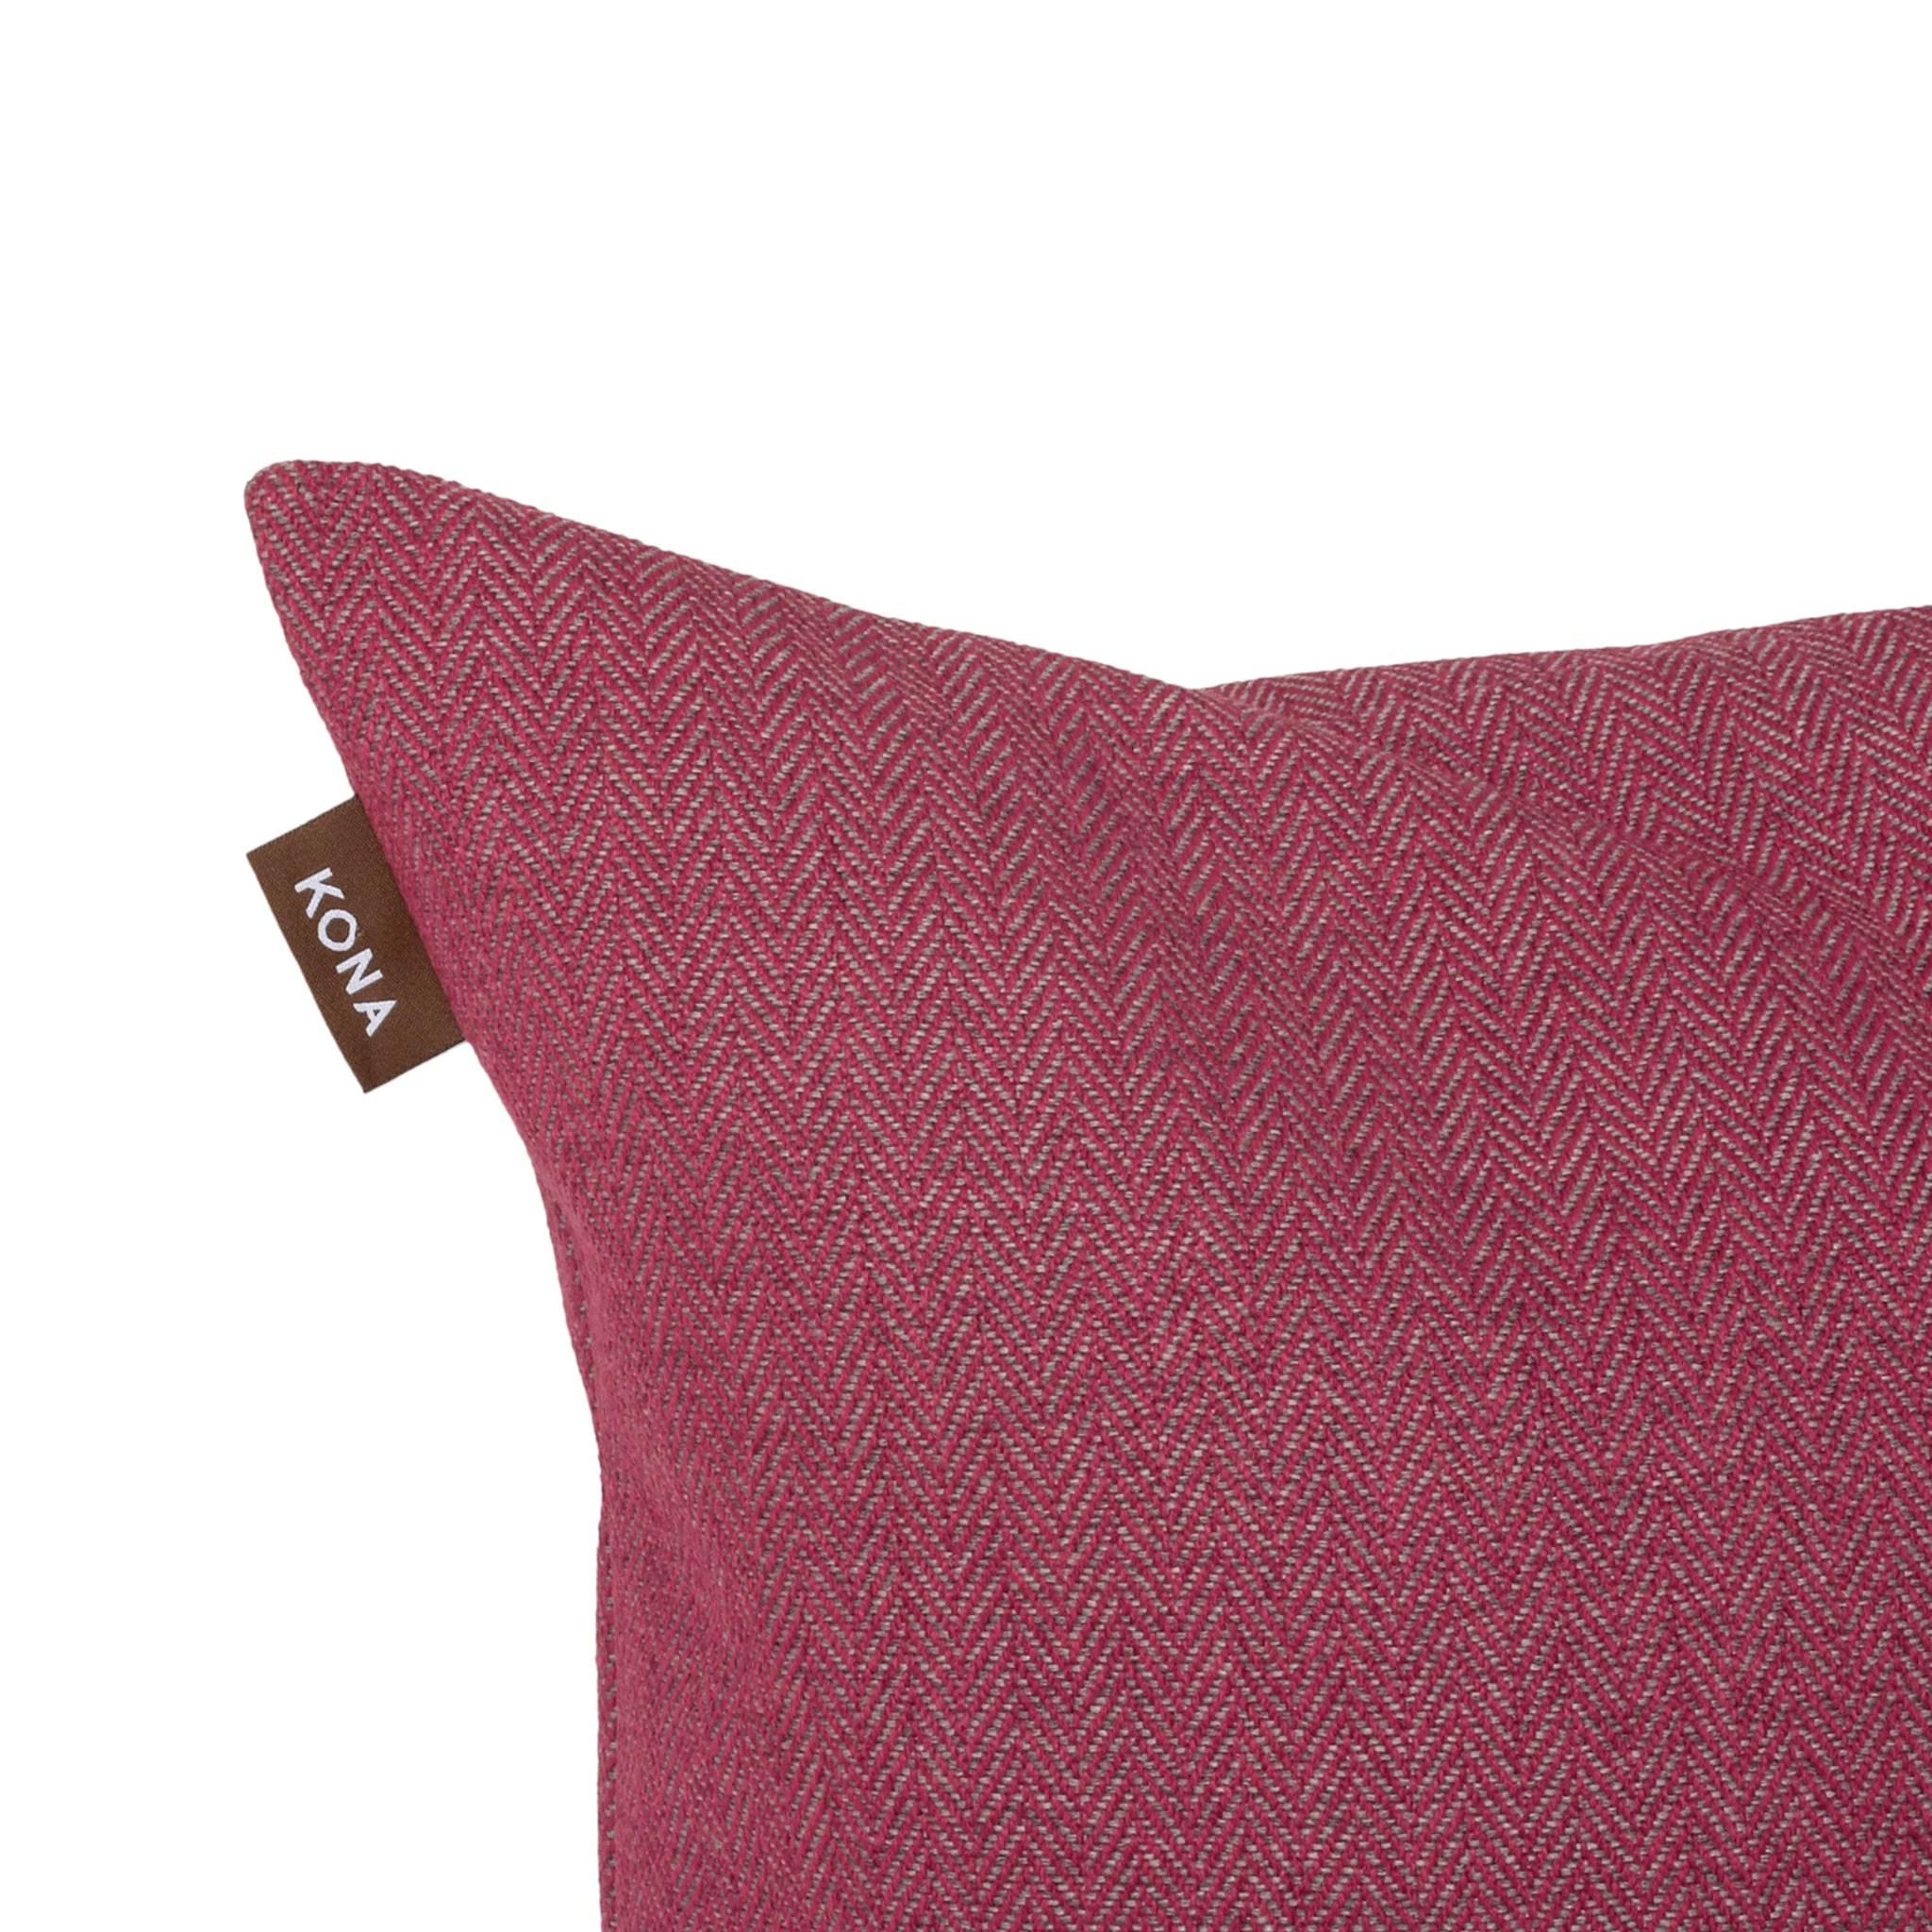 decorative pillow cover magenta pink herringbone